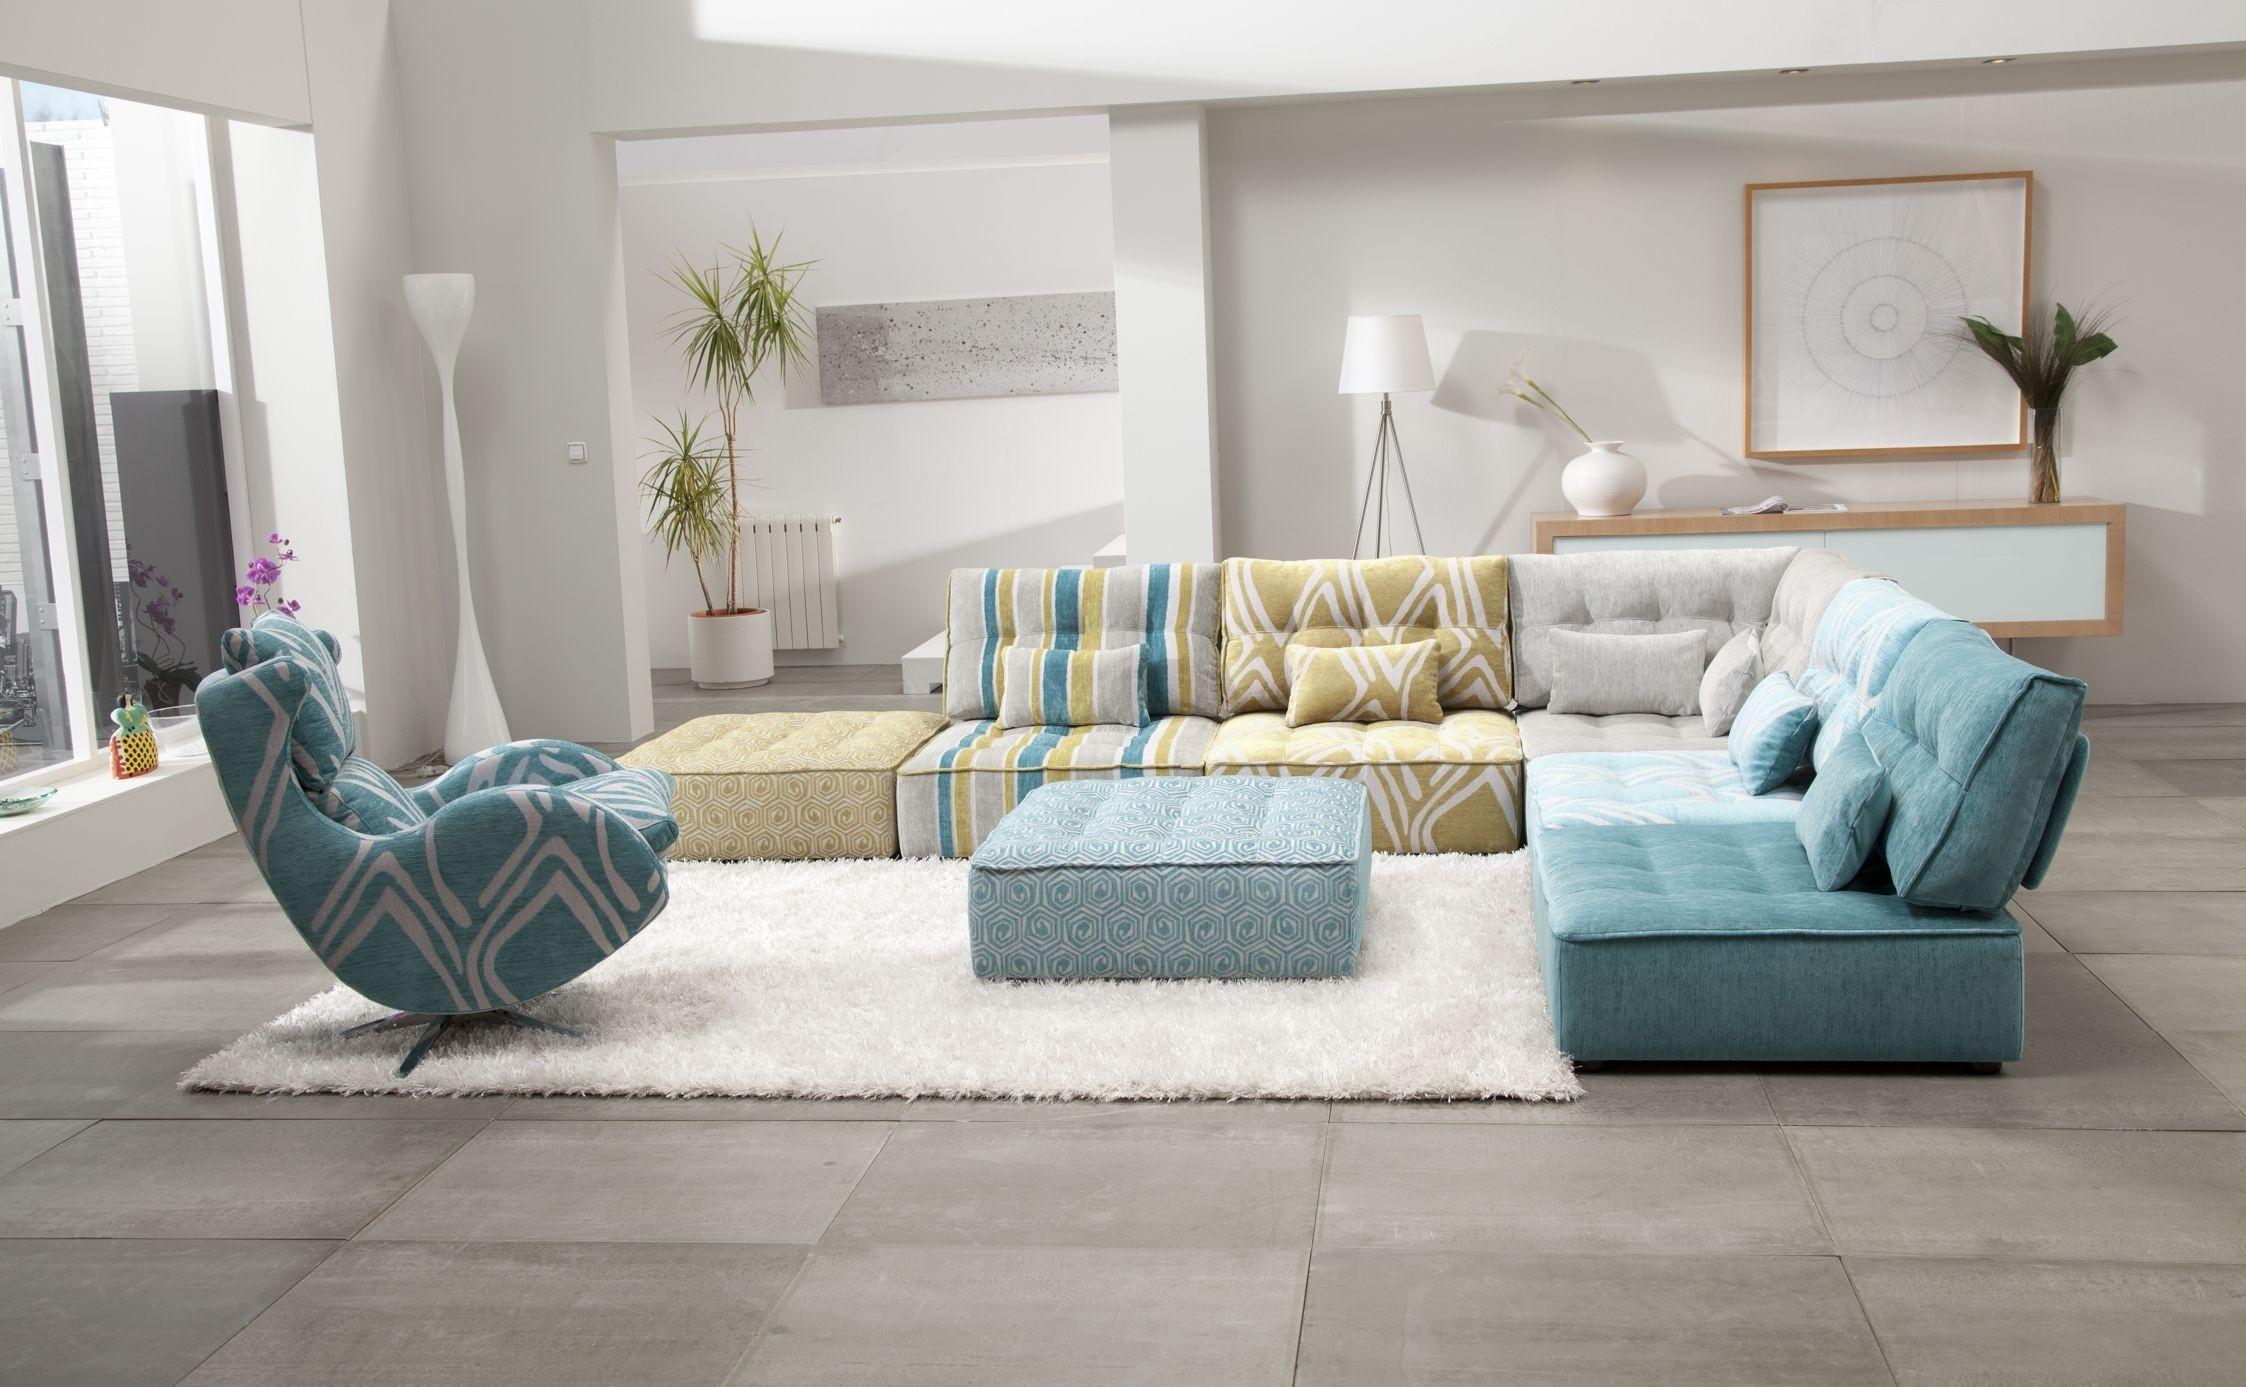 Arianne Modern Modular Sectional Sofa | Fama Sofas for Modular Sectional Sofas (Image 2 of 10)